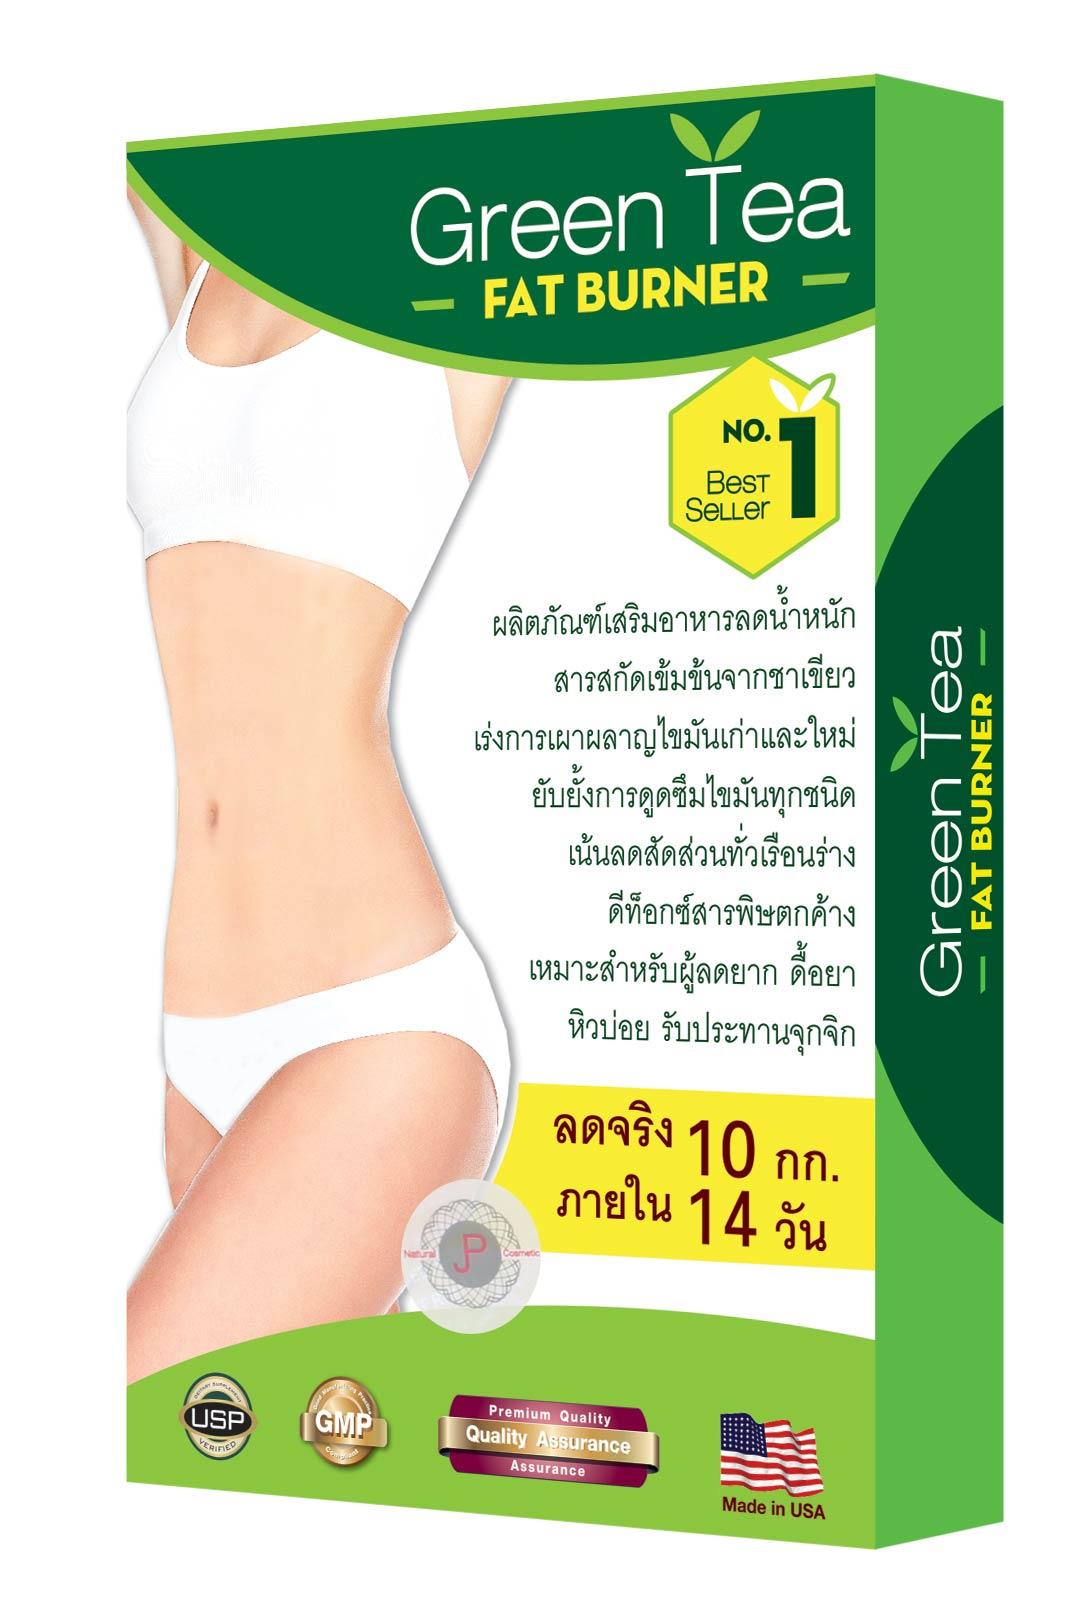 Green Tea Fat Burner JP ลดจริง 10 โล ใน 10 วัน สกัดจากชาเขียว เร่งการเผาผลาญ